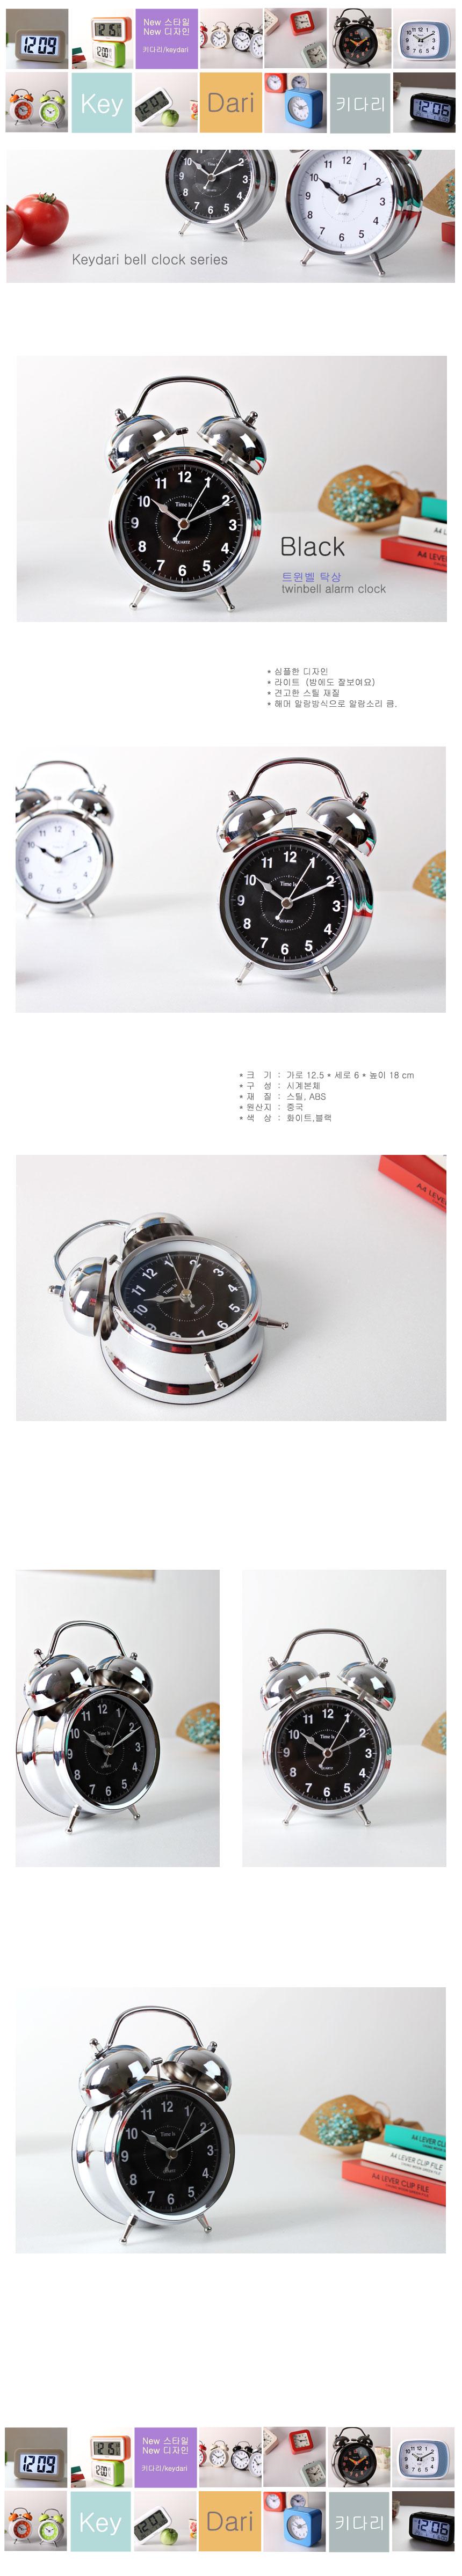 (kts019)트윈벨 탁상시계(크롬블랙) - 키다리, 24,000원, 알람/탁상시계, 알람시계